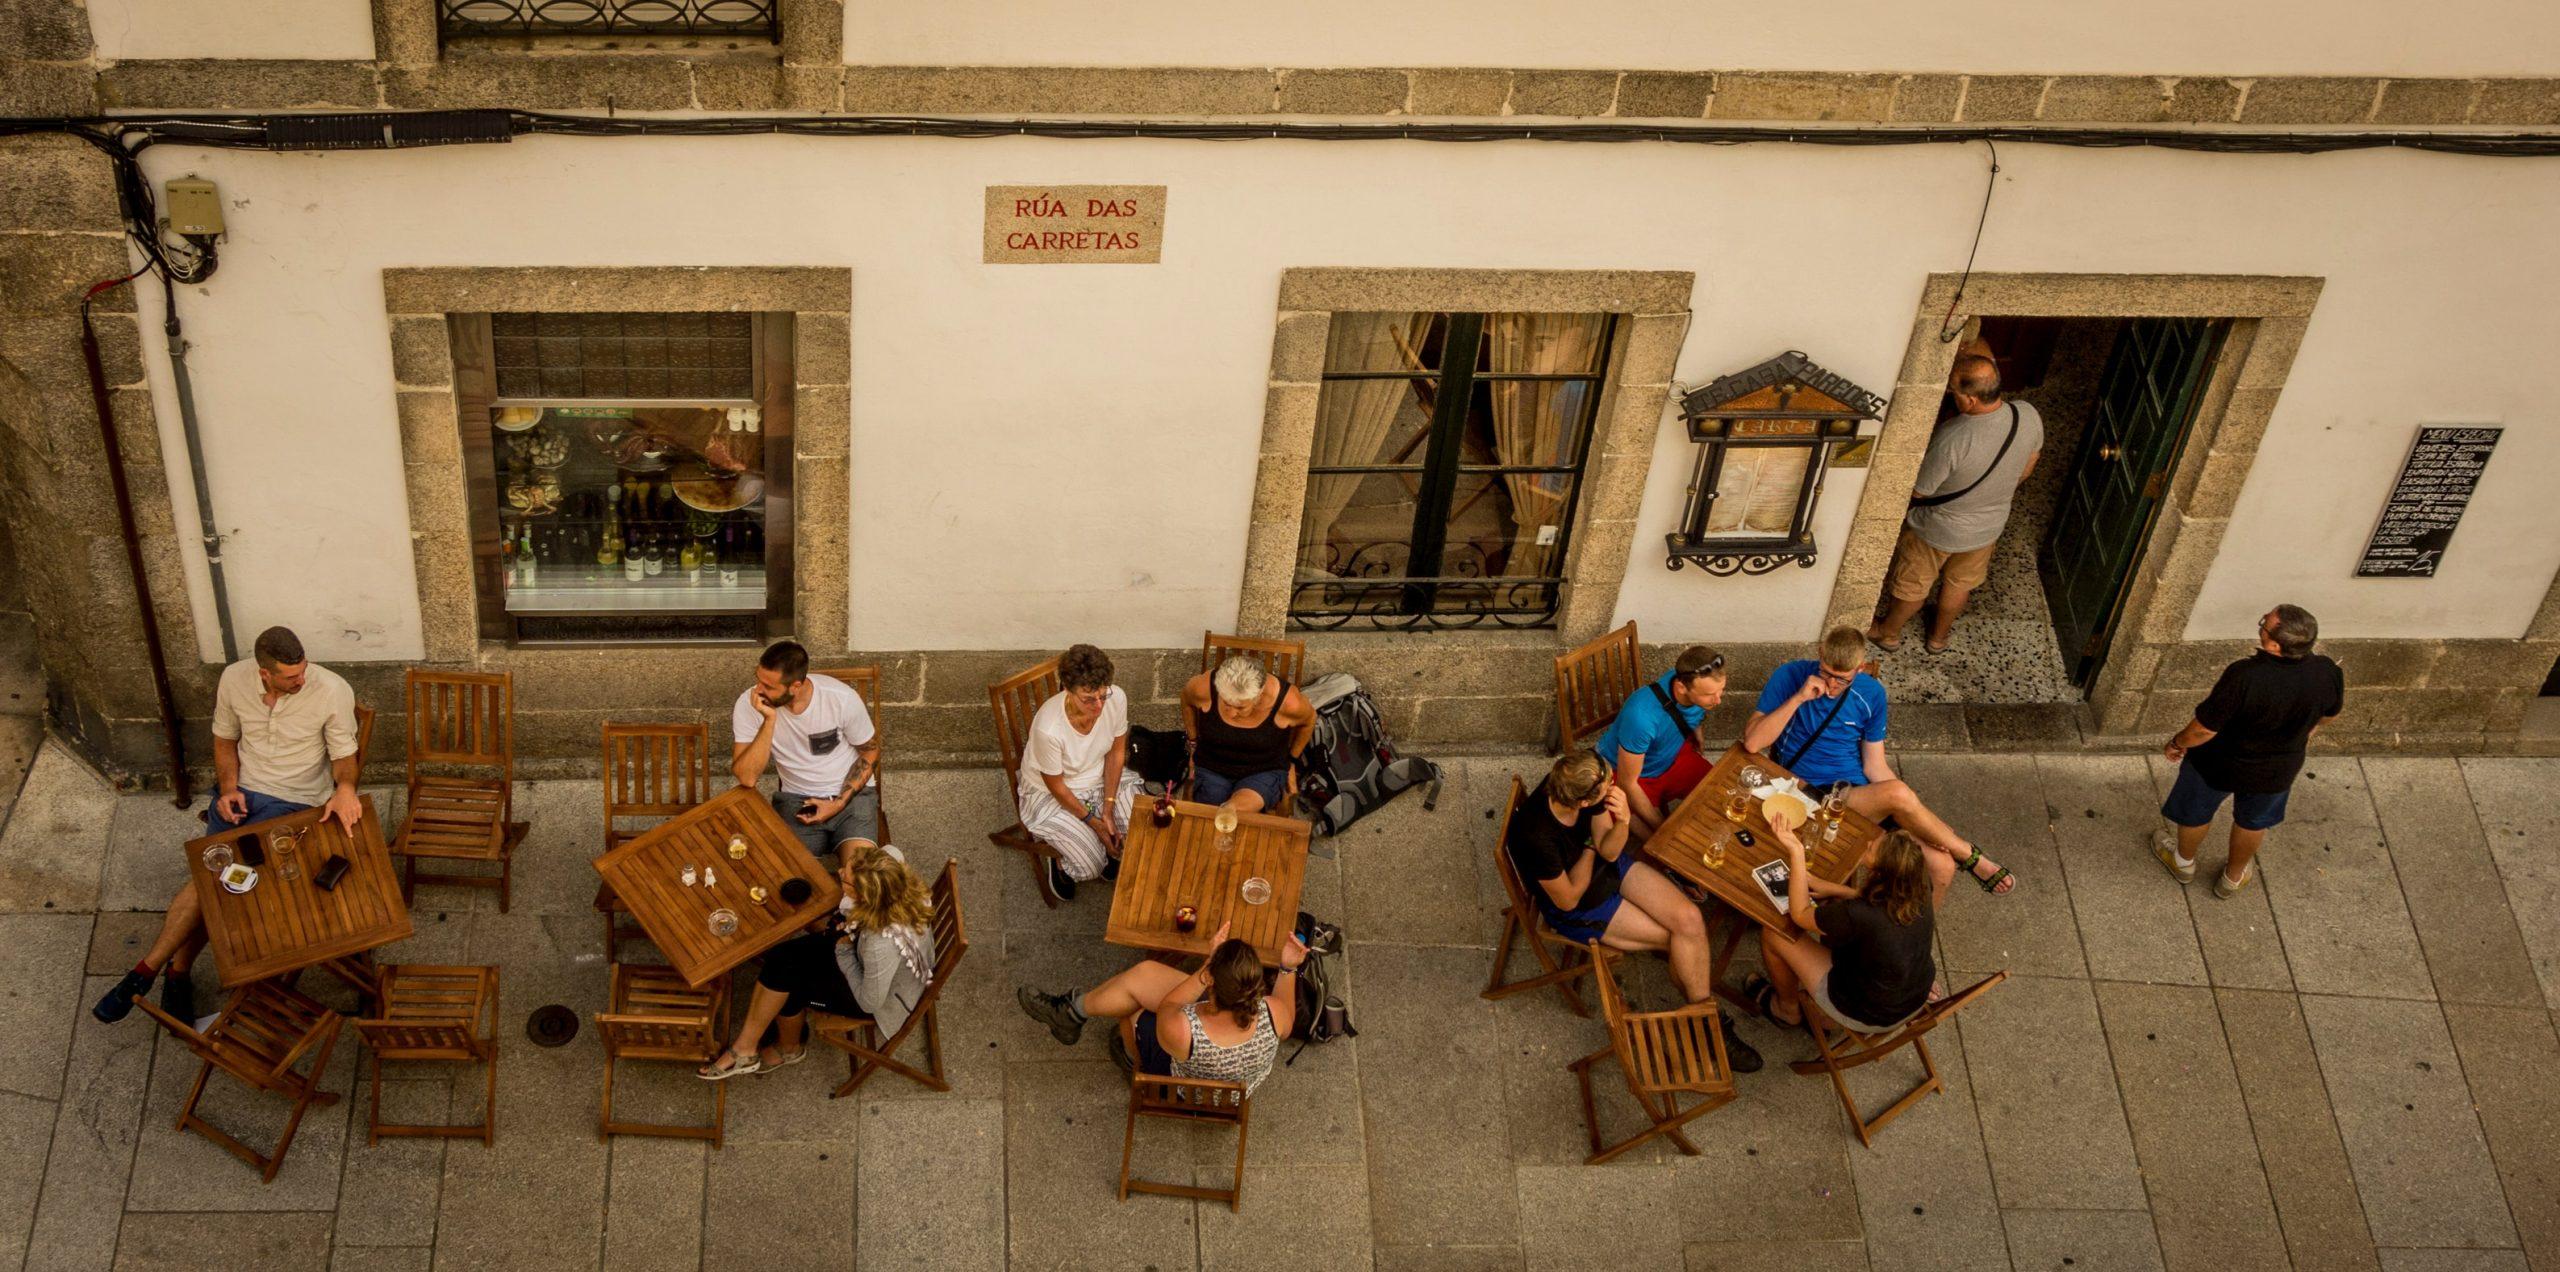 camino de santiago tapas comer gastronomia galicia alsa viajar